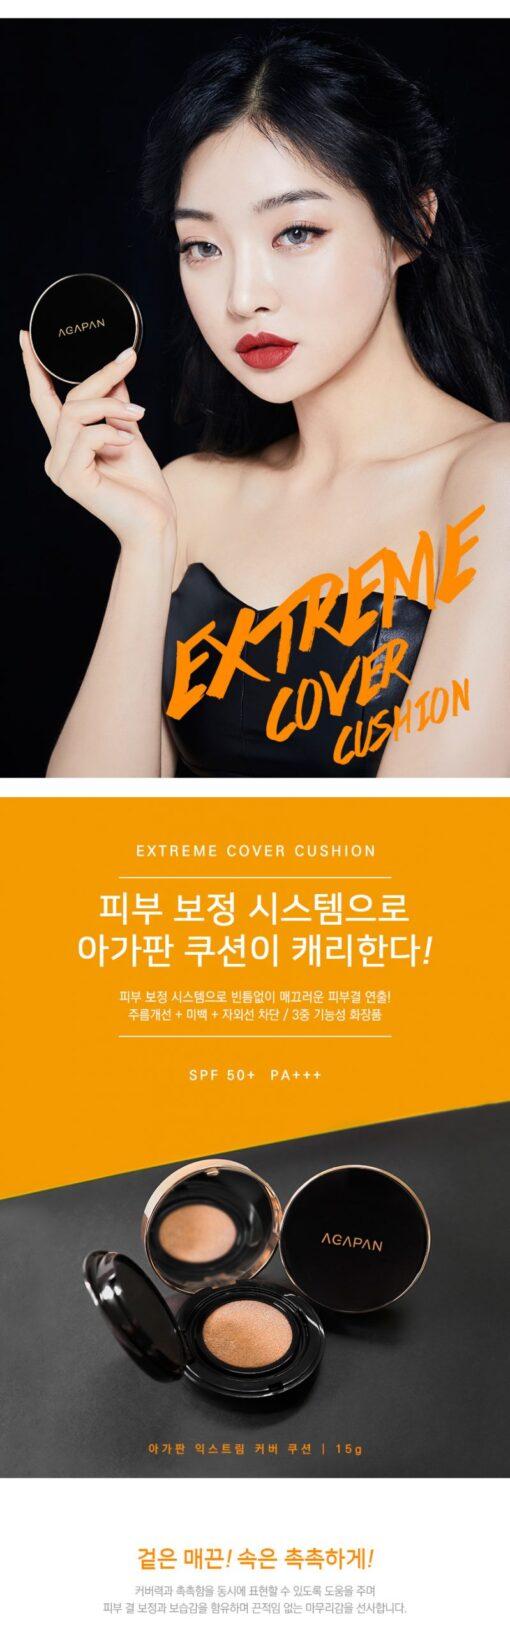 Phấn nước Agapan Extreme Cover Cushion